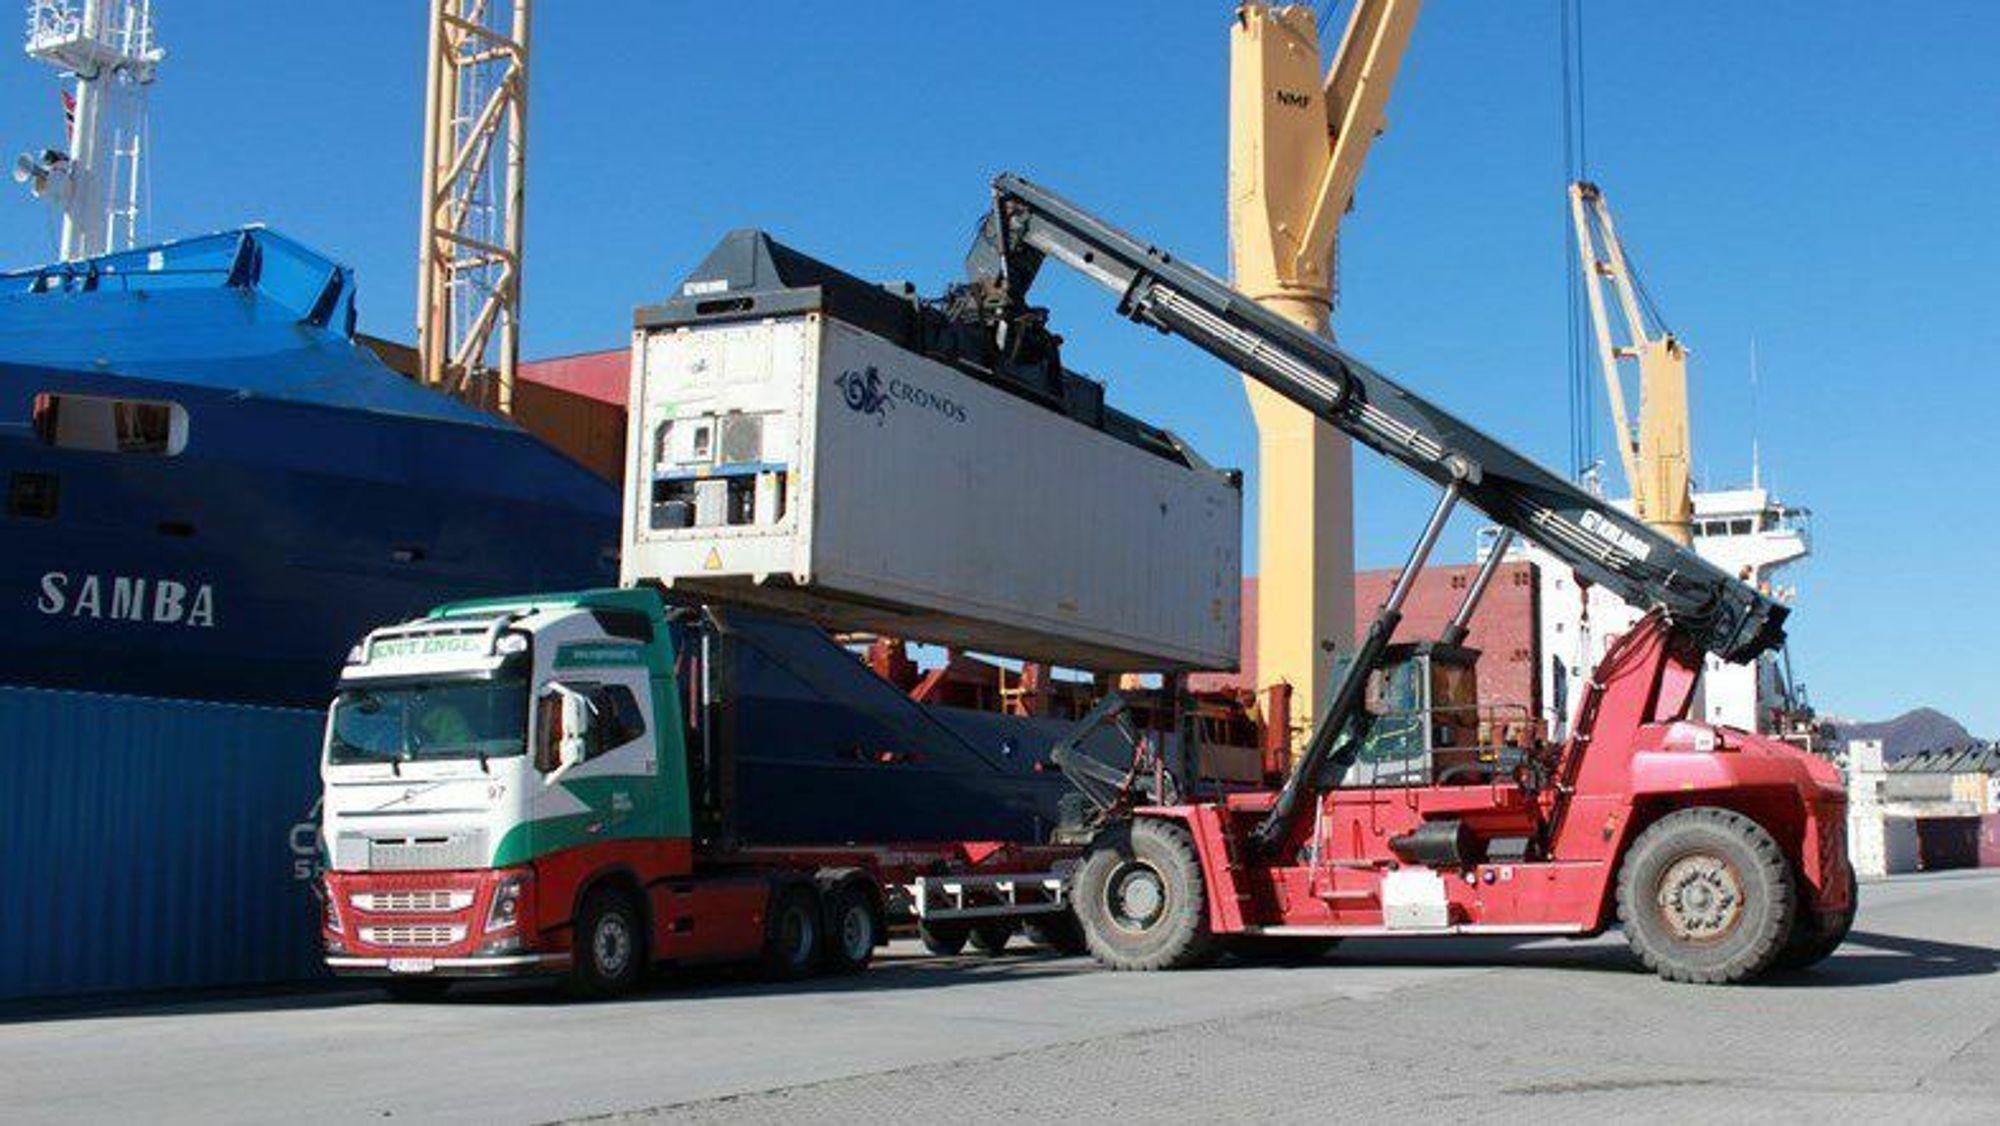 Godsoverføring fra vei til sjø har hittil redusert klimagassutslipp tilsvarende 21.000 tonn CO2.